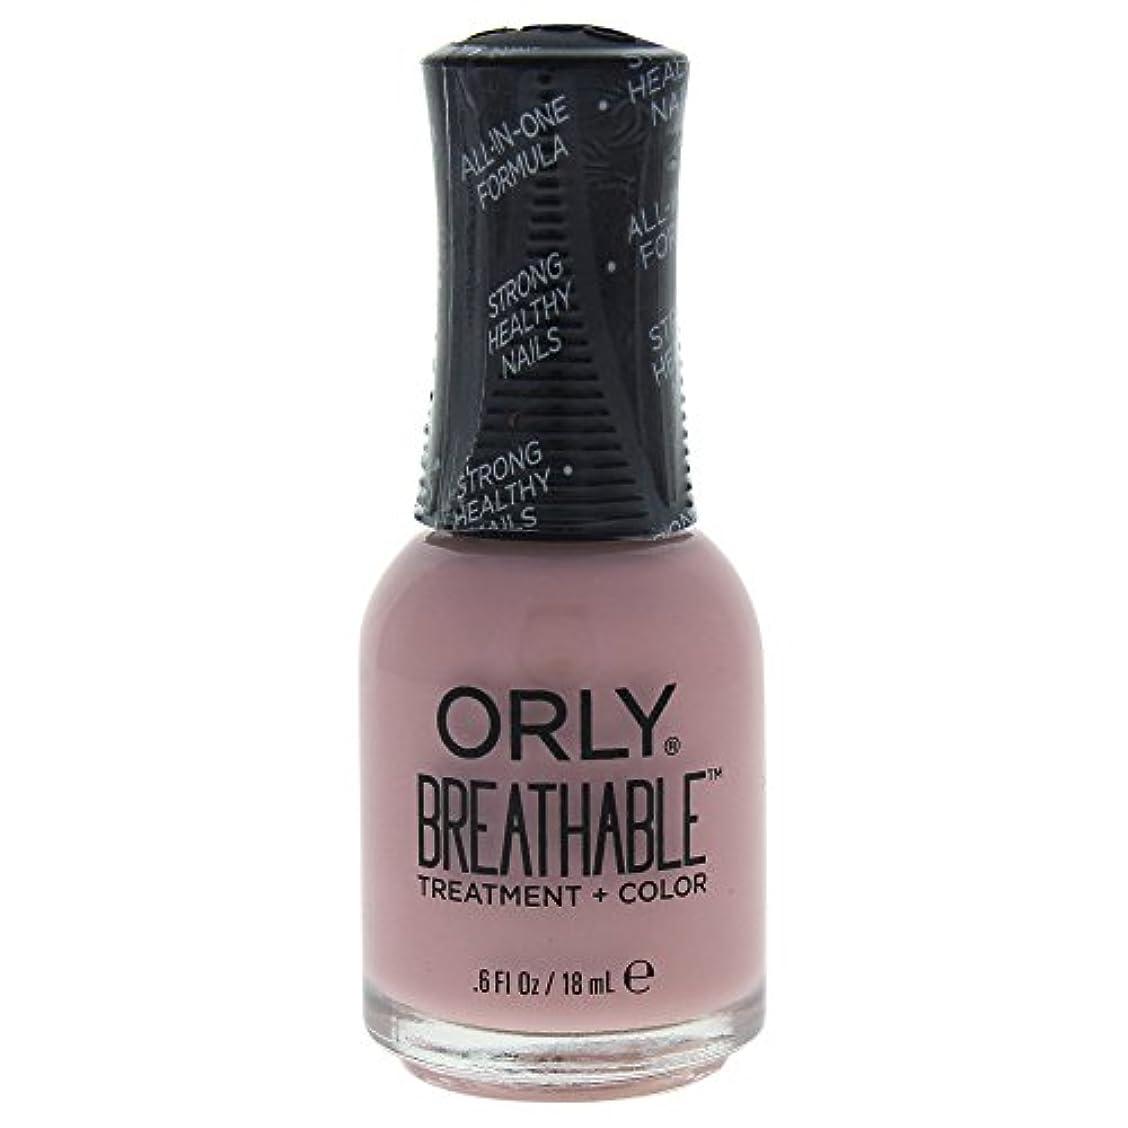 シード市民権キャロラインOrly Breathable Treatment + Color Nail Lacquer - Sheer Luck - 0.6oz / 18ml